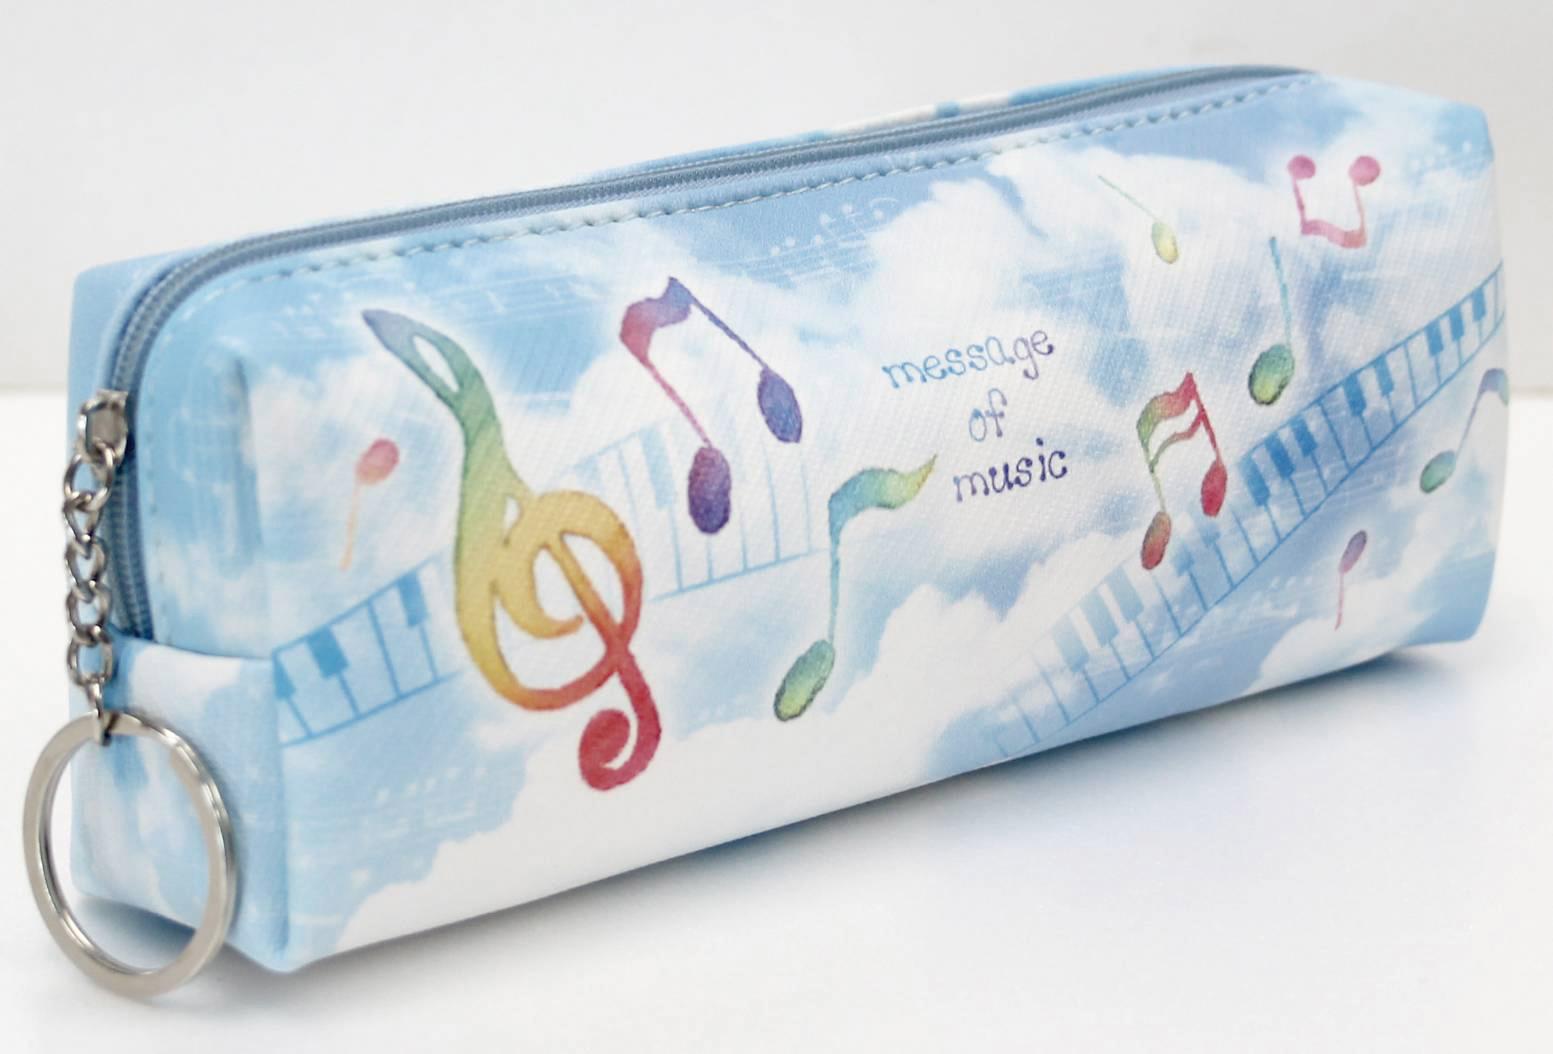 ペンケース ※お取り寄せ商品 引き出物 記念品 音楽雑貨 音符 ピアノモチーフ ト音記号 ピアノ雑貨